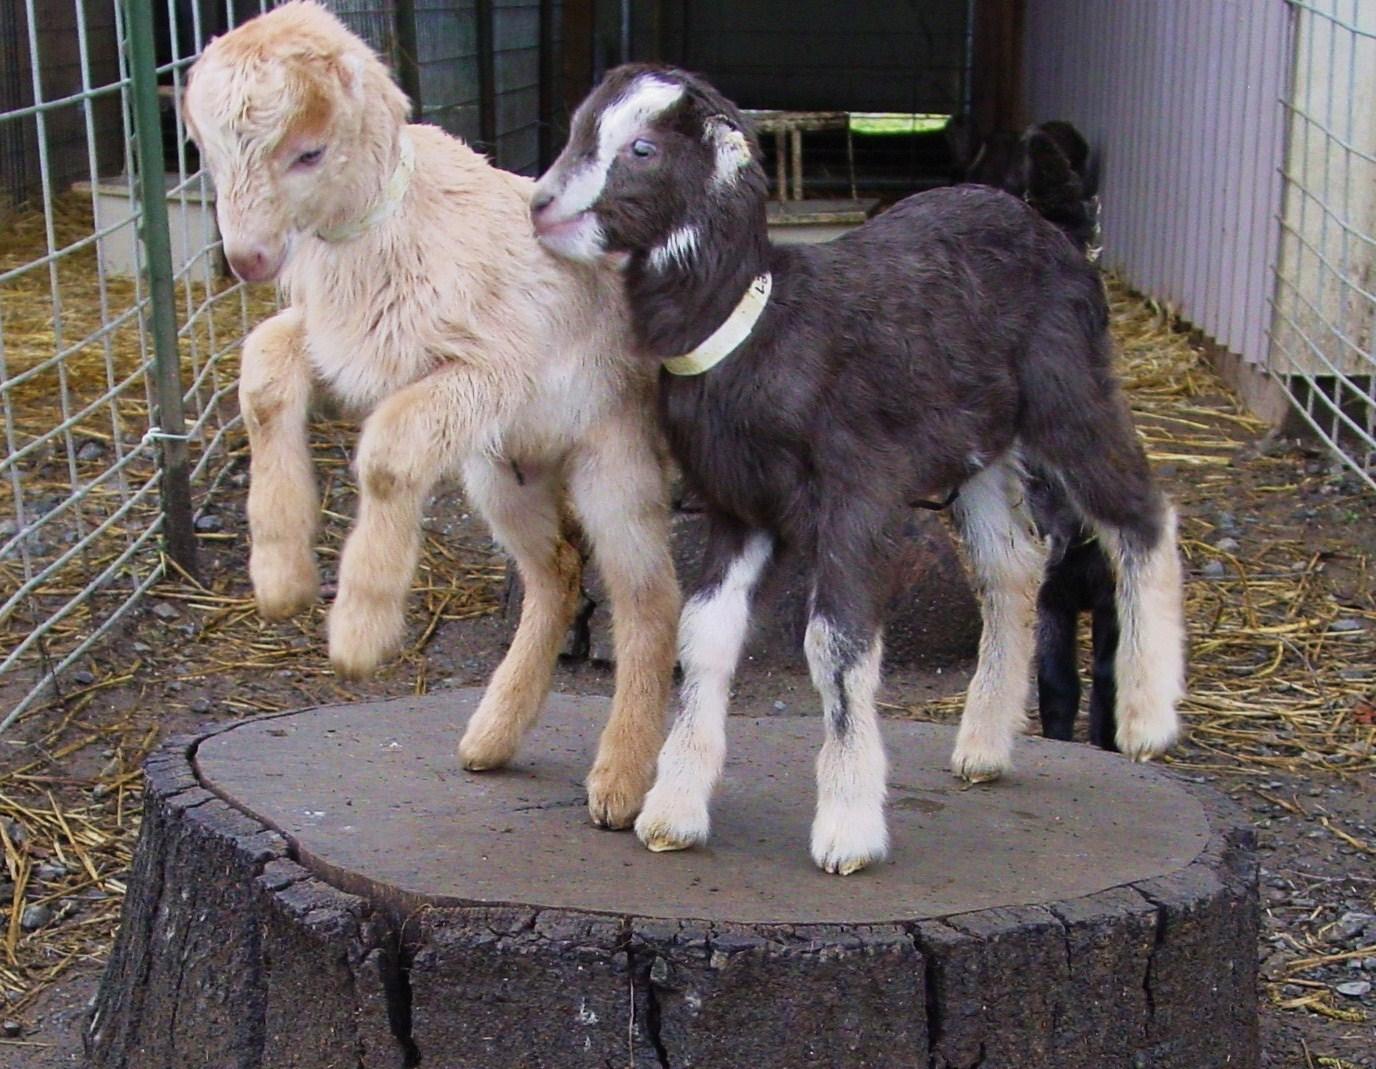 prancing goat